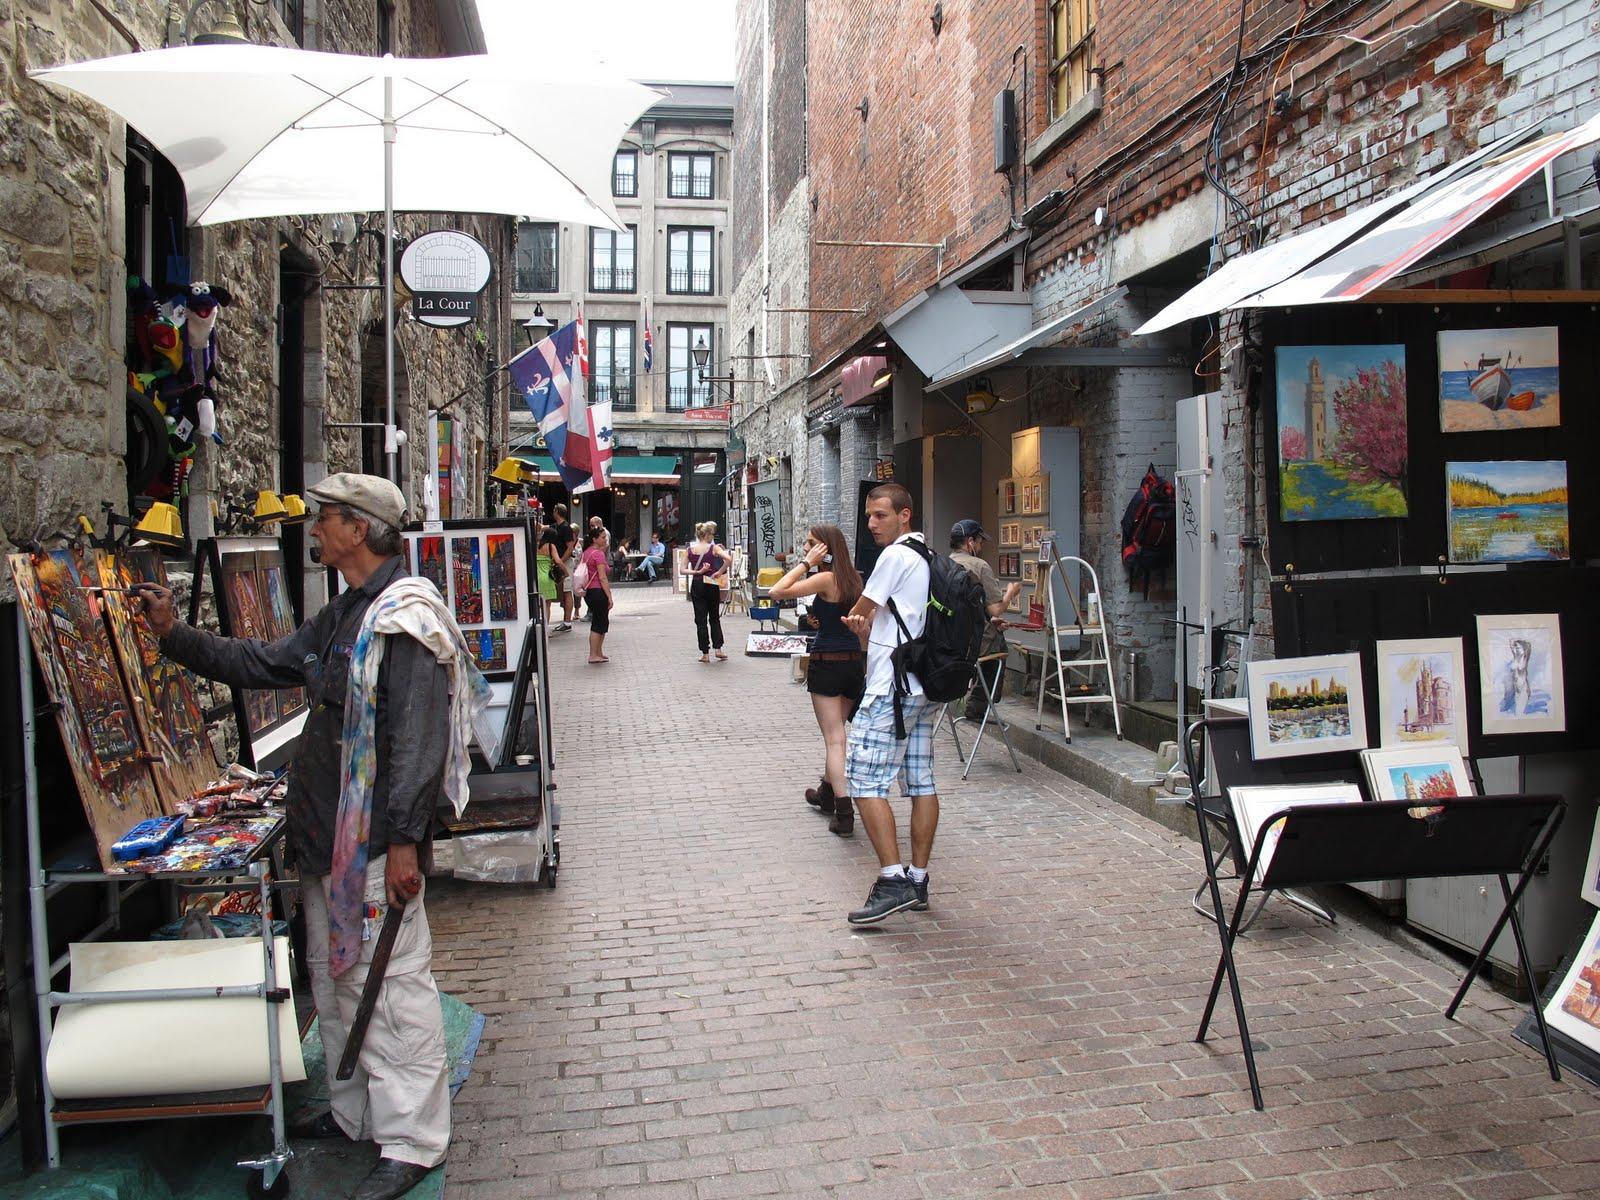 Nouvel h tel boutique dans le vieux montr al le william gray for Hotel boutique montreal